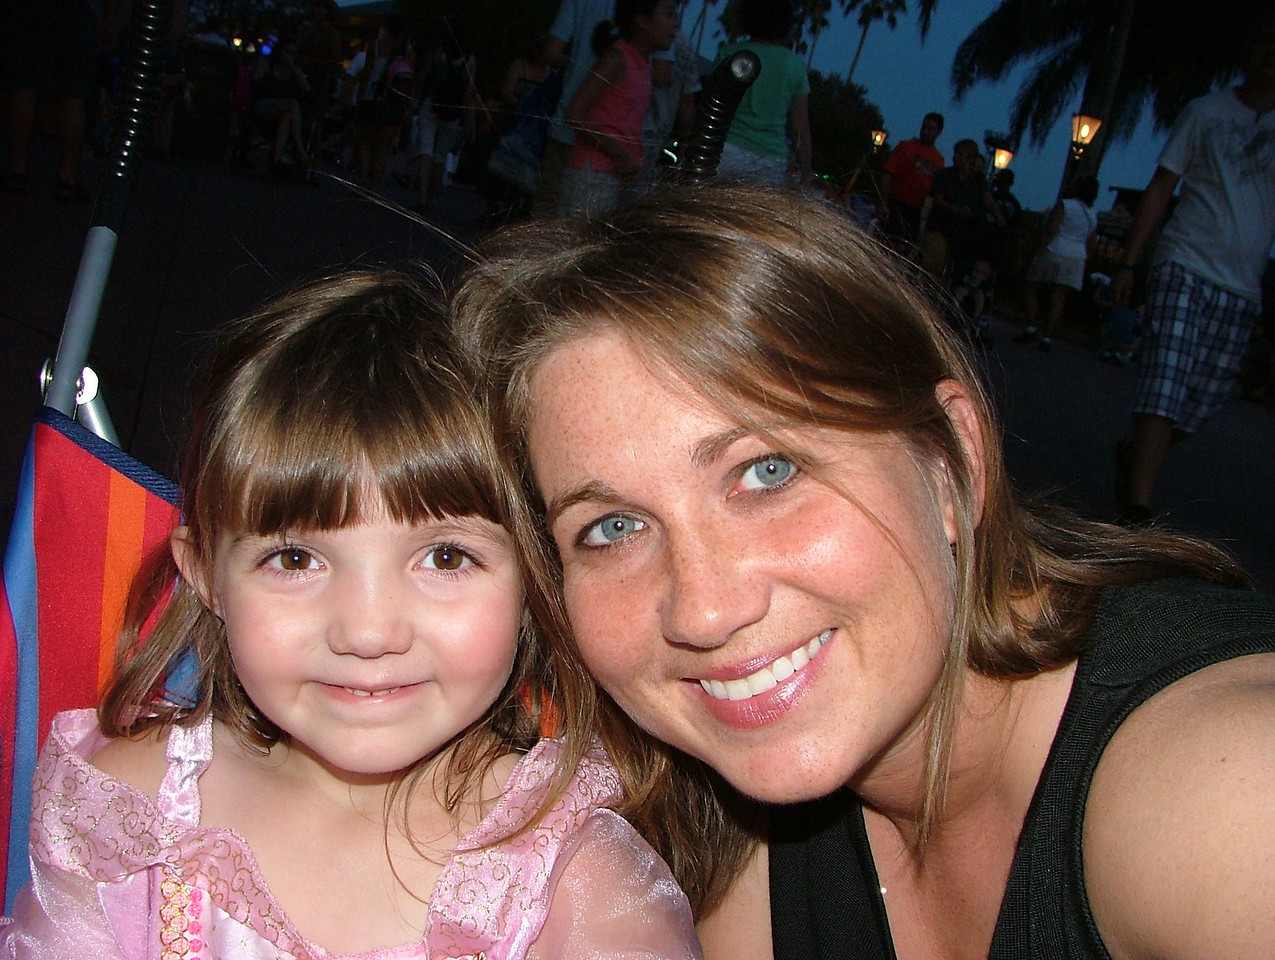 Mia and I at Disney World